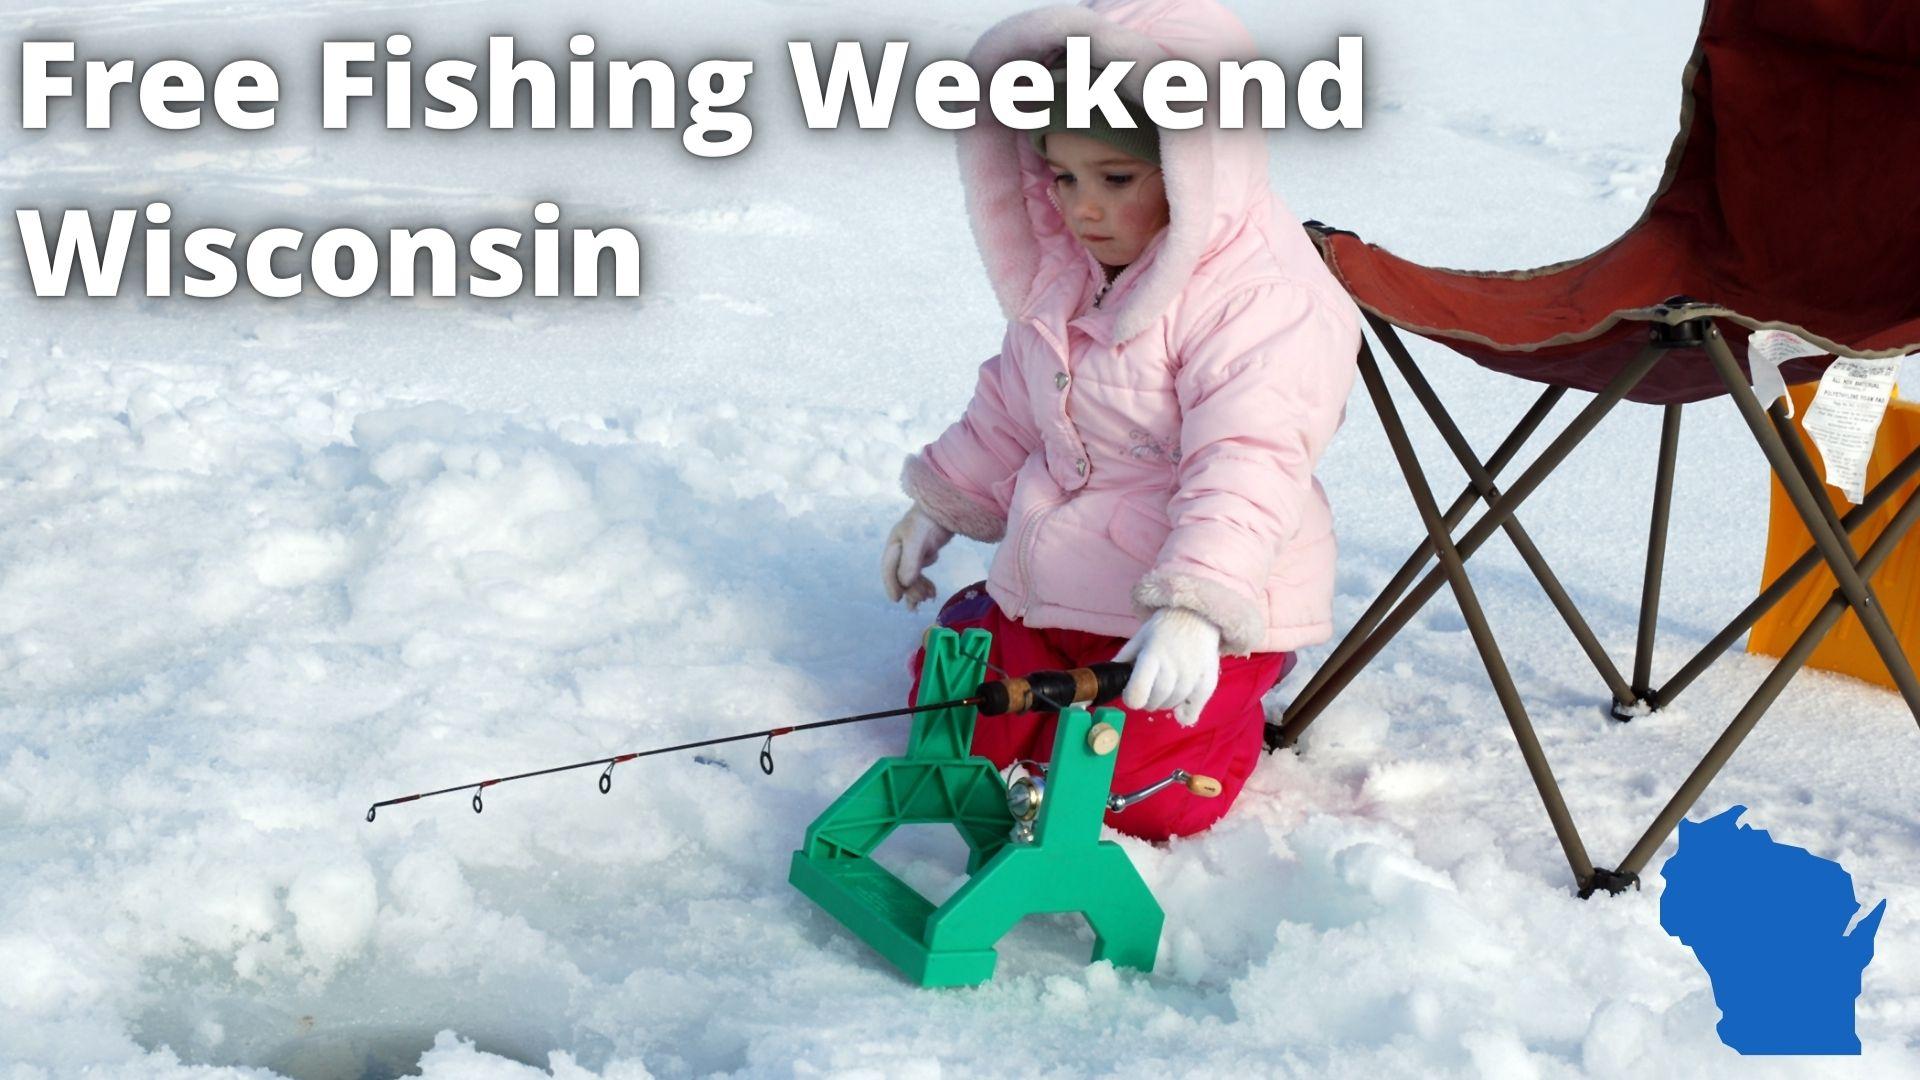 Wisconsin Free Fishing Weekend Winter